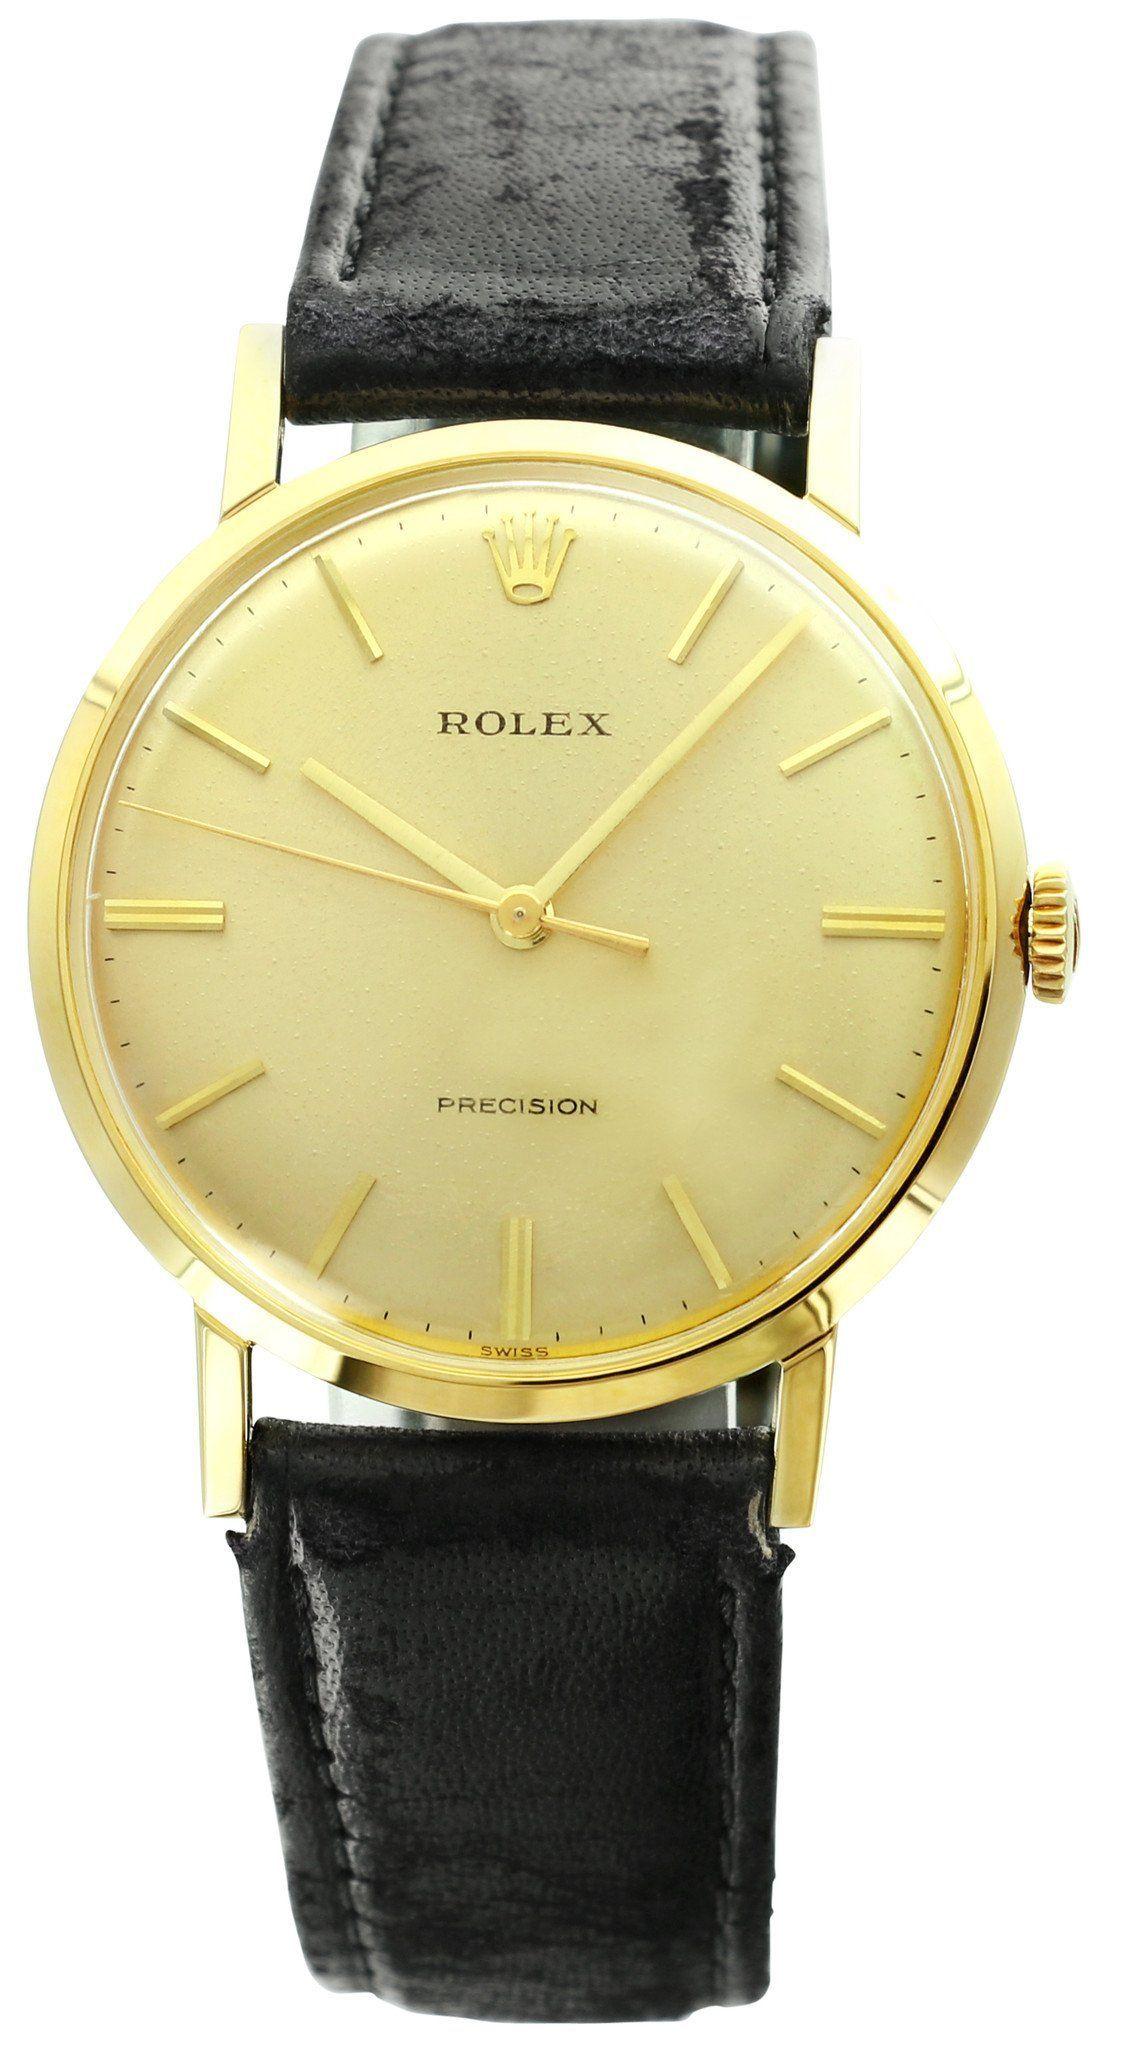 Rolex Precision Circa 1960's